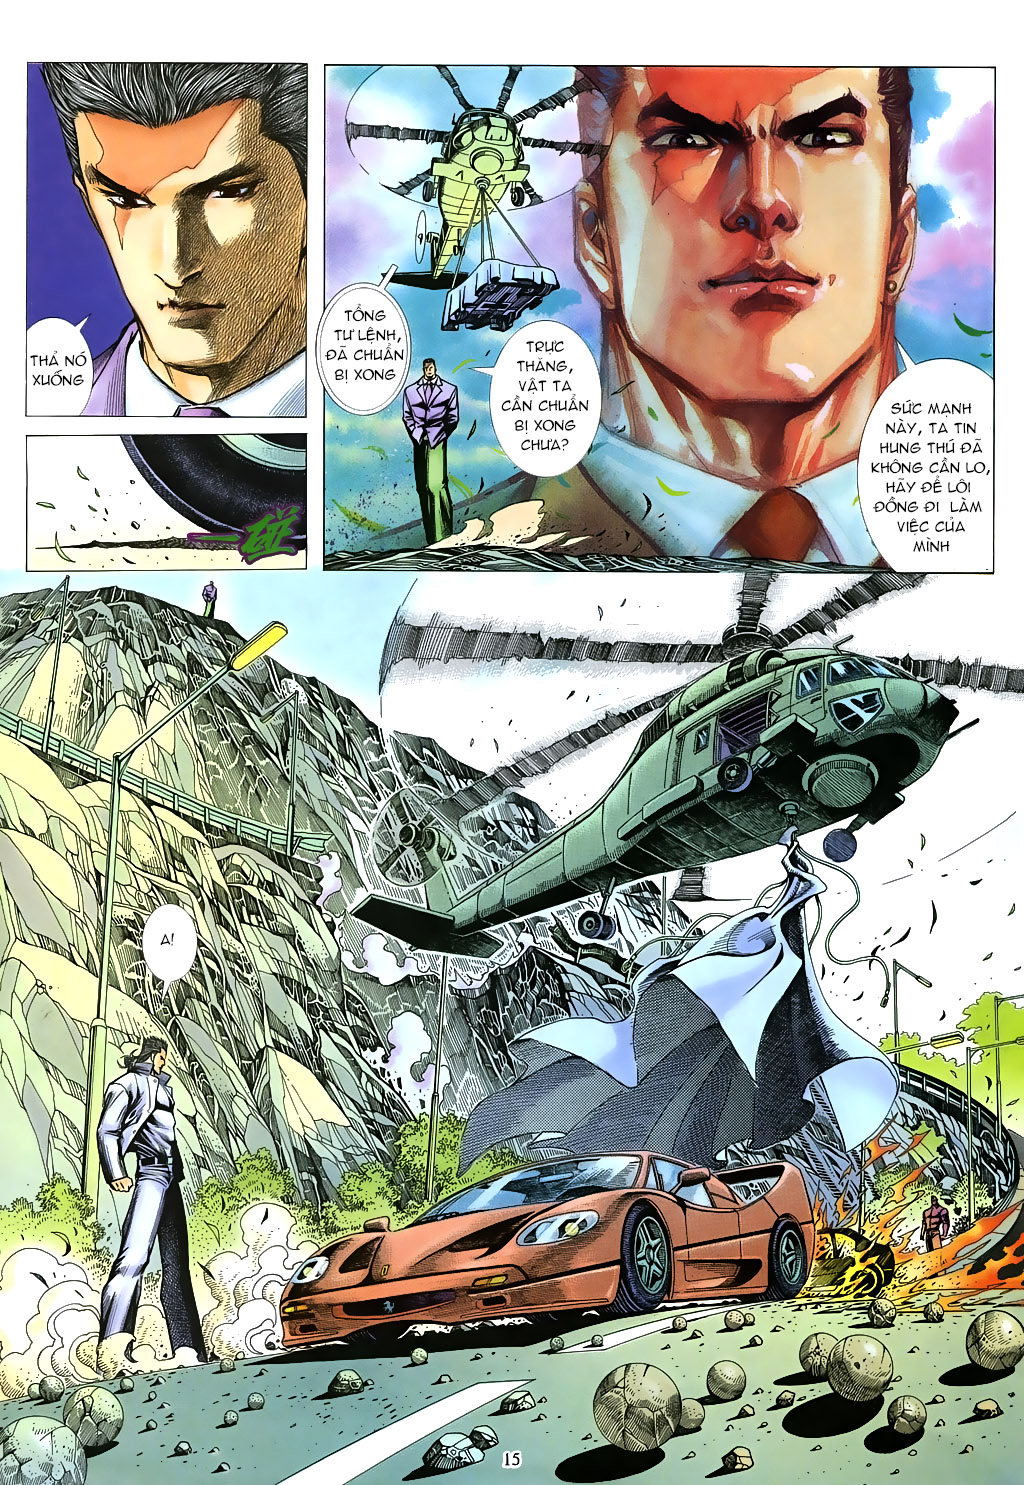 Mạt Nhật Chiến Lang Chap 78 - Next Chap 79